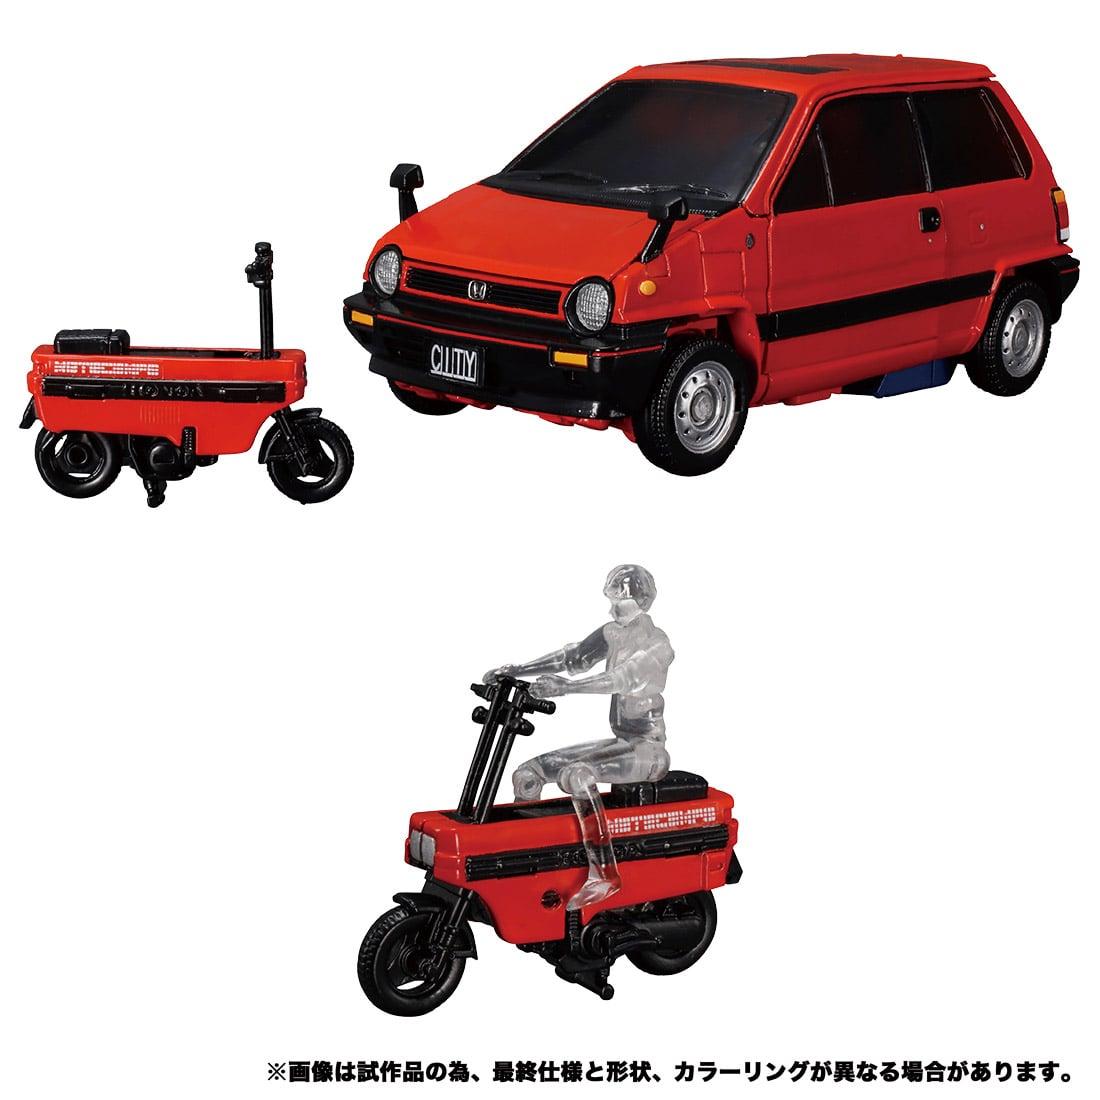 マスターピース『MP-53 スキッズ』トランスフォーマー 可変可動フィギュア-018